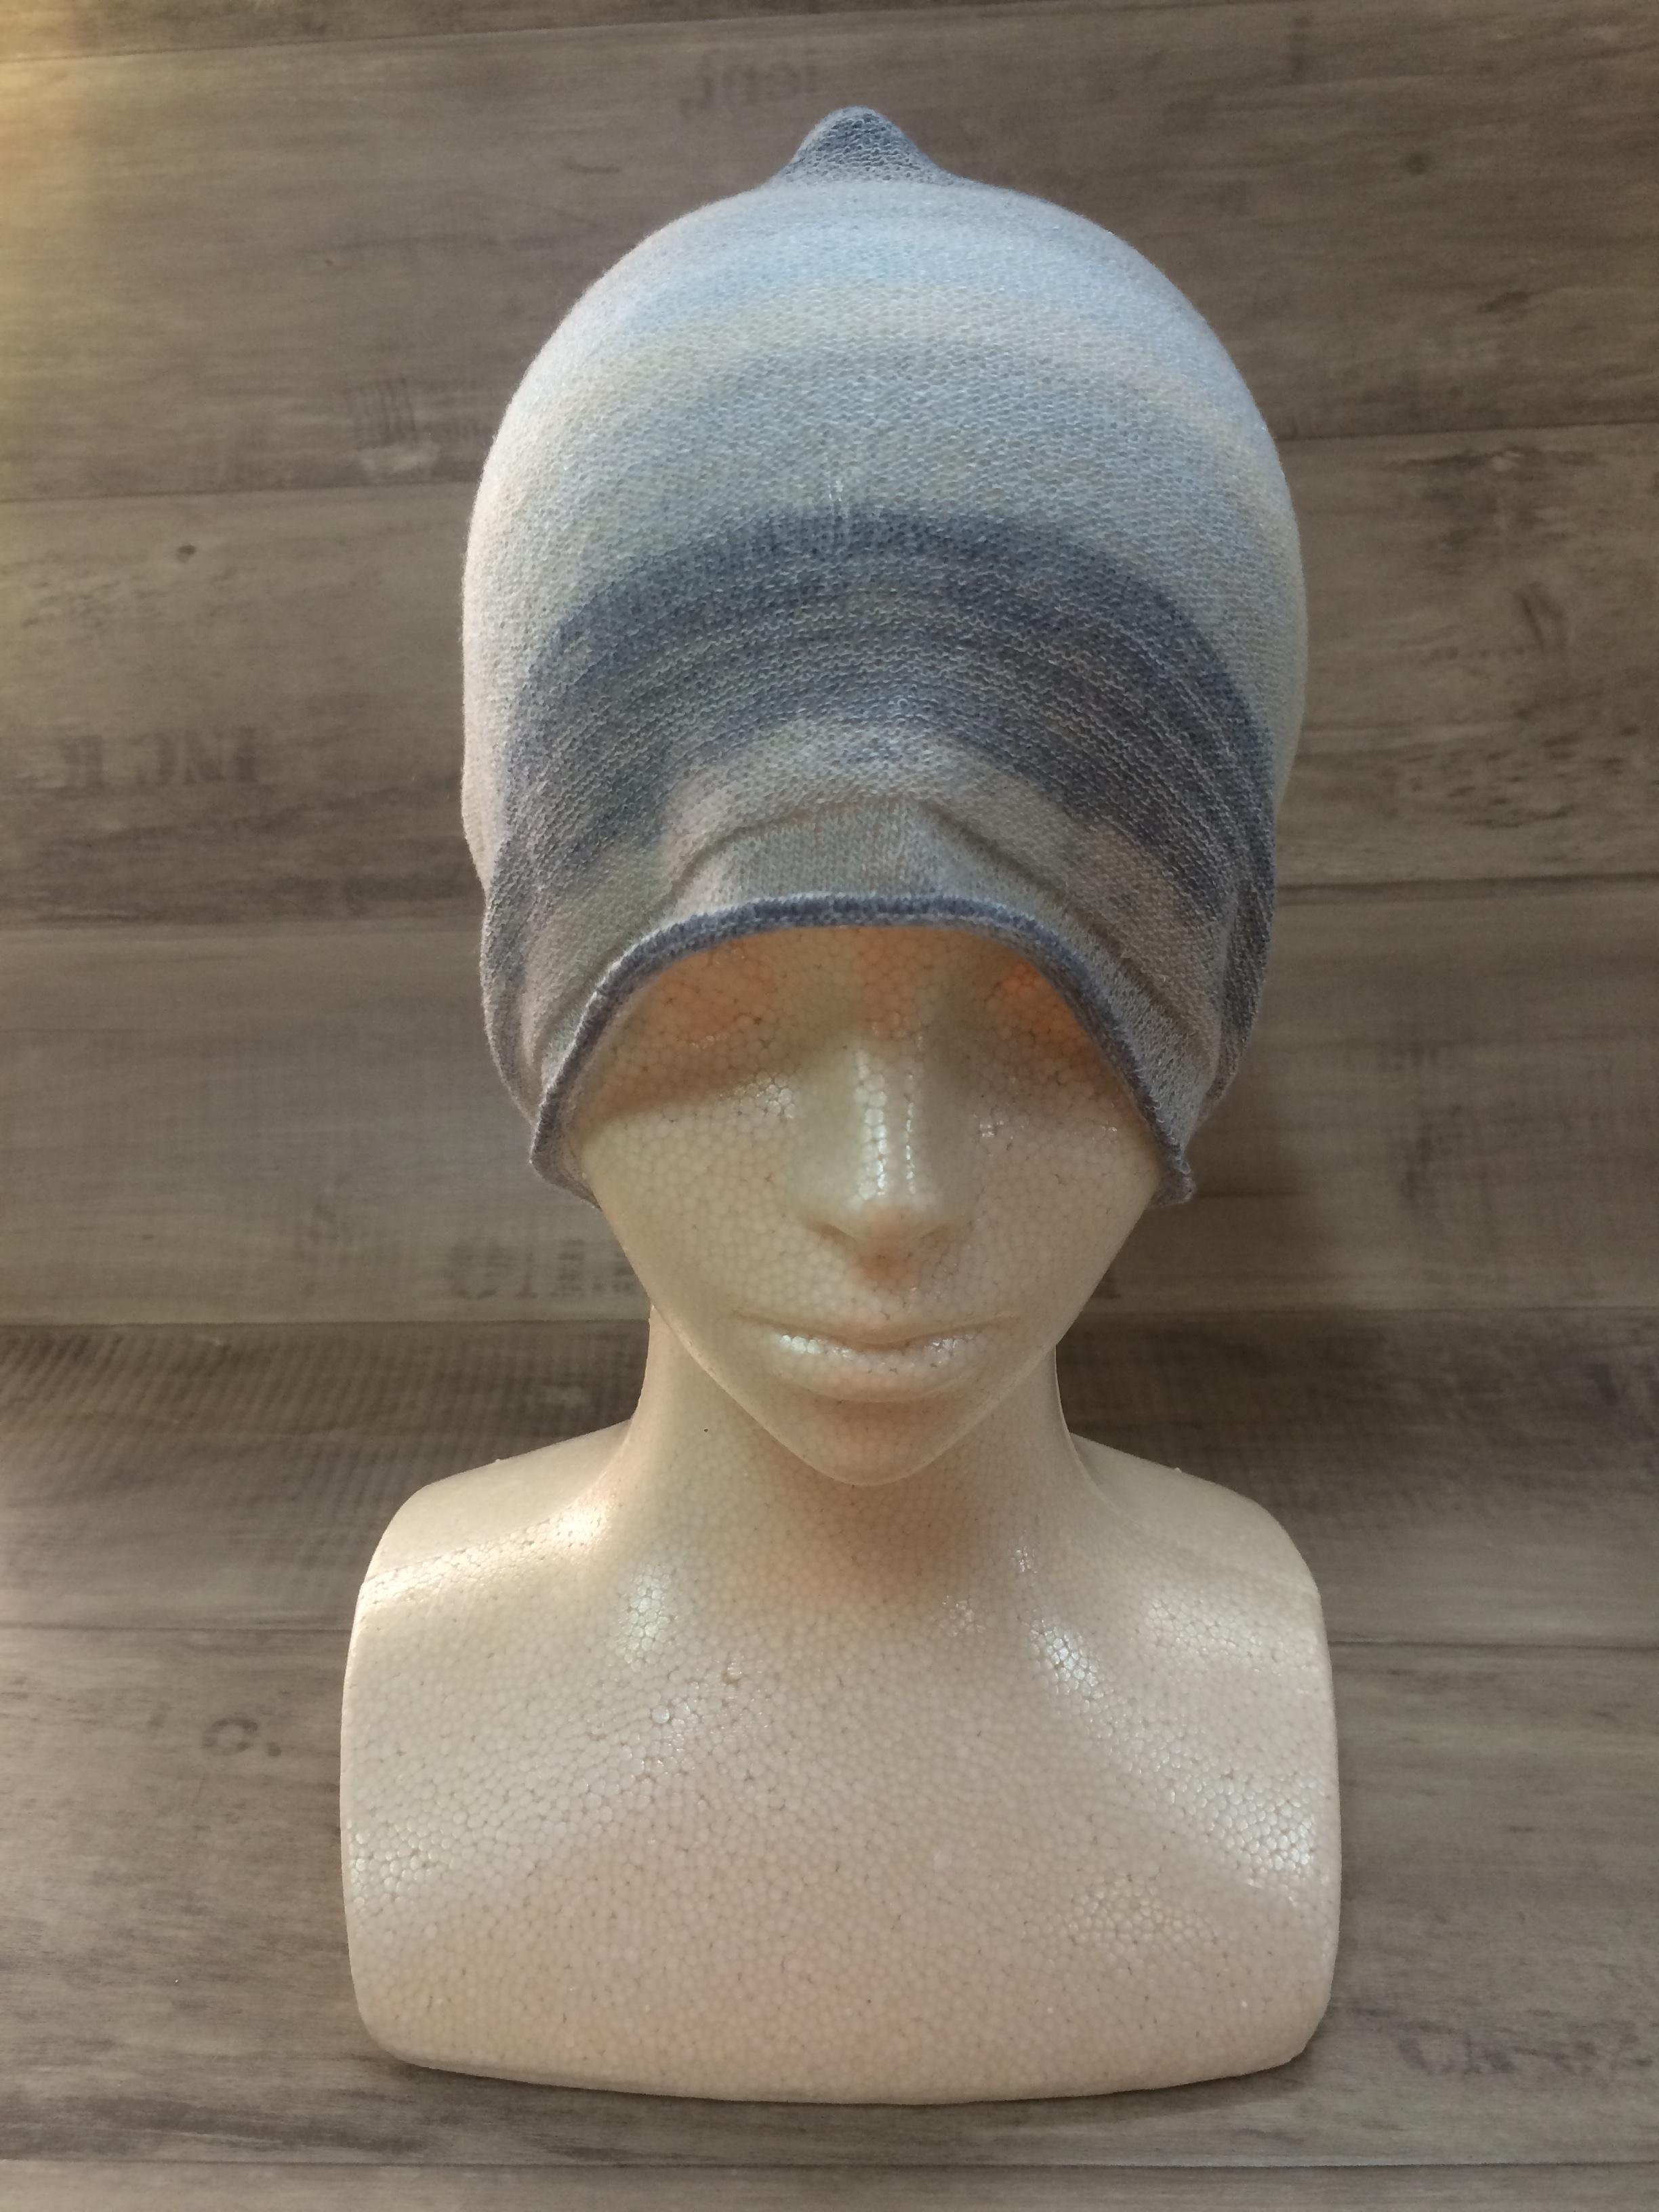 【送料無料】こころが軽くなるニット帽子amuamu|新潟の老舗ニットメーカーが考案した抗がん治療中の脱毛ストレスを軽減する機能性と豊富なデザイン NB-6059|空の海(そらのうみ) - 画像2